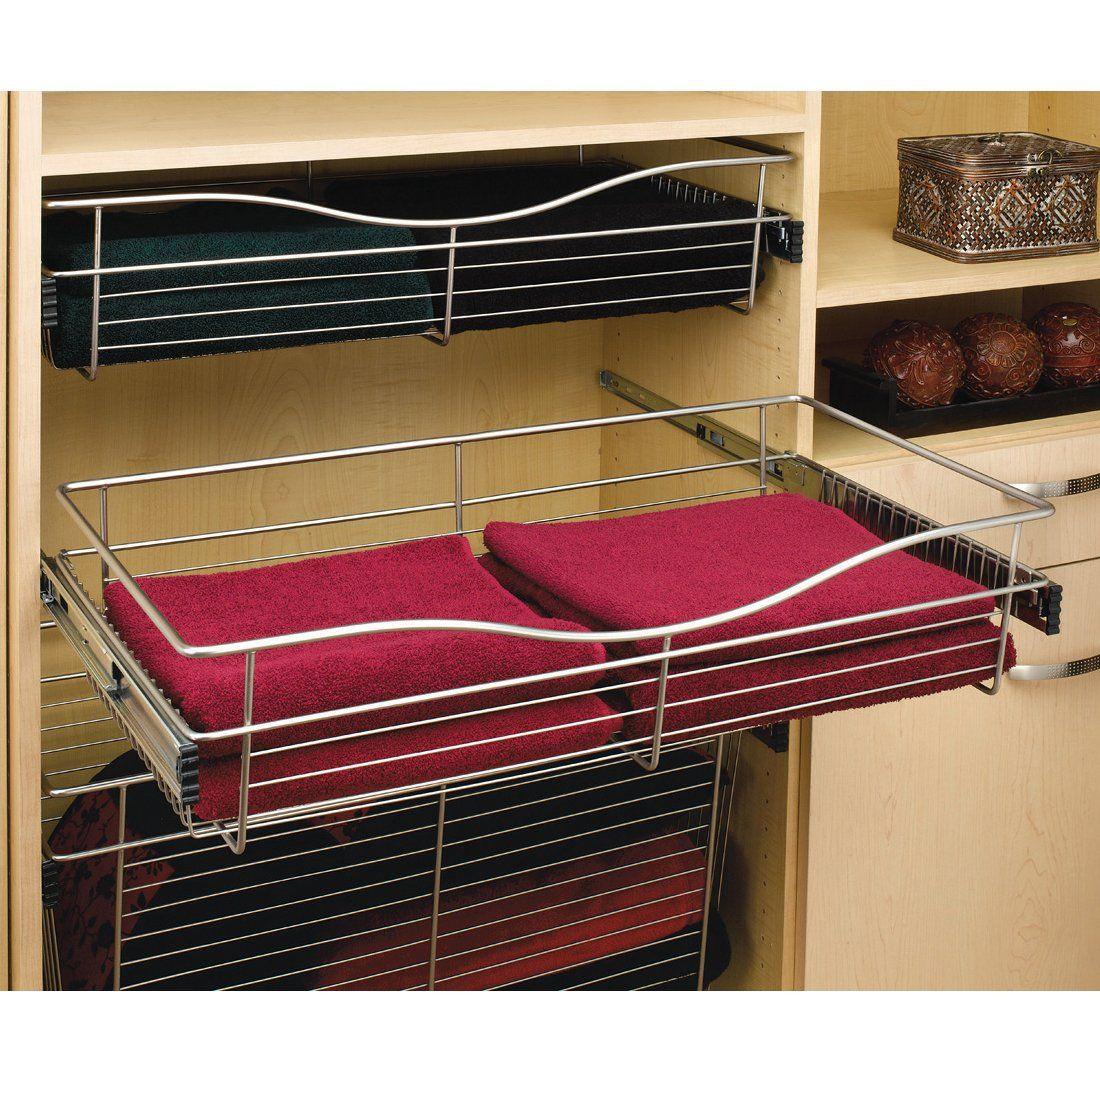 Rev A Shelf Cb301607 Cb Series Pull Out Wire Basket For Closet Cb 181407cr 5 At Atg Stores Rev A Shelf Shelves Contemporary Closet Organizers